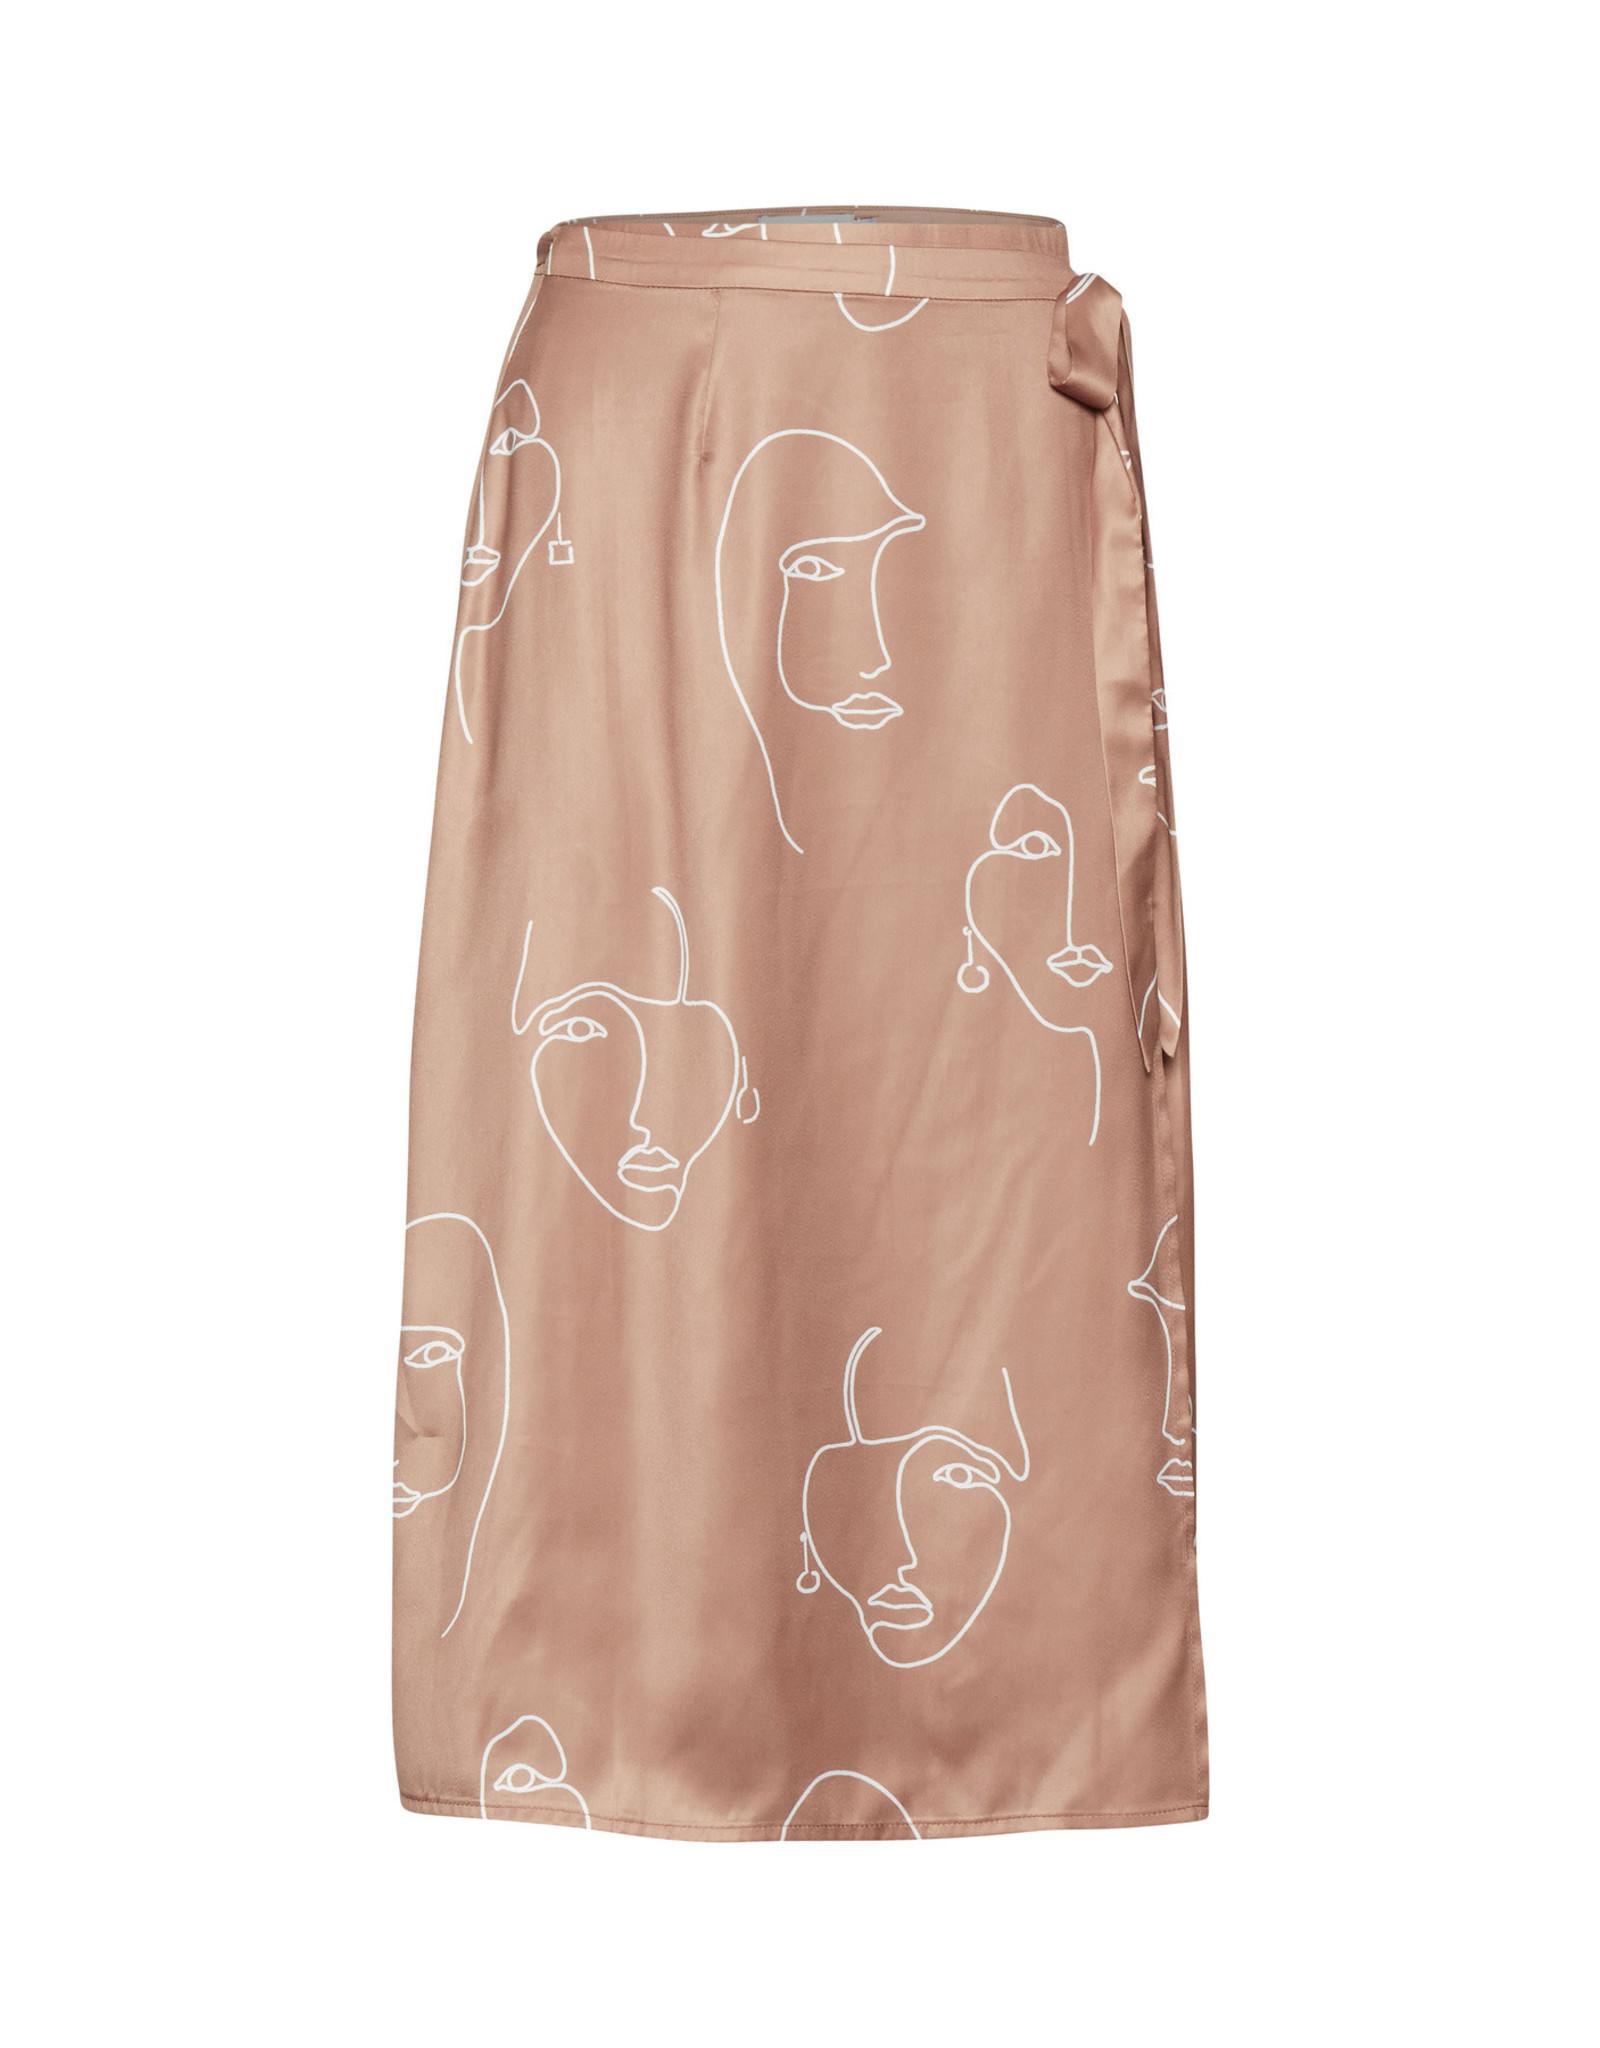 IDK - Face Skirt